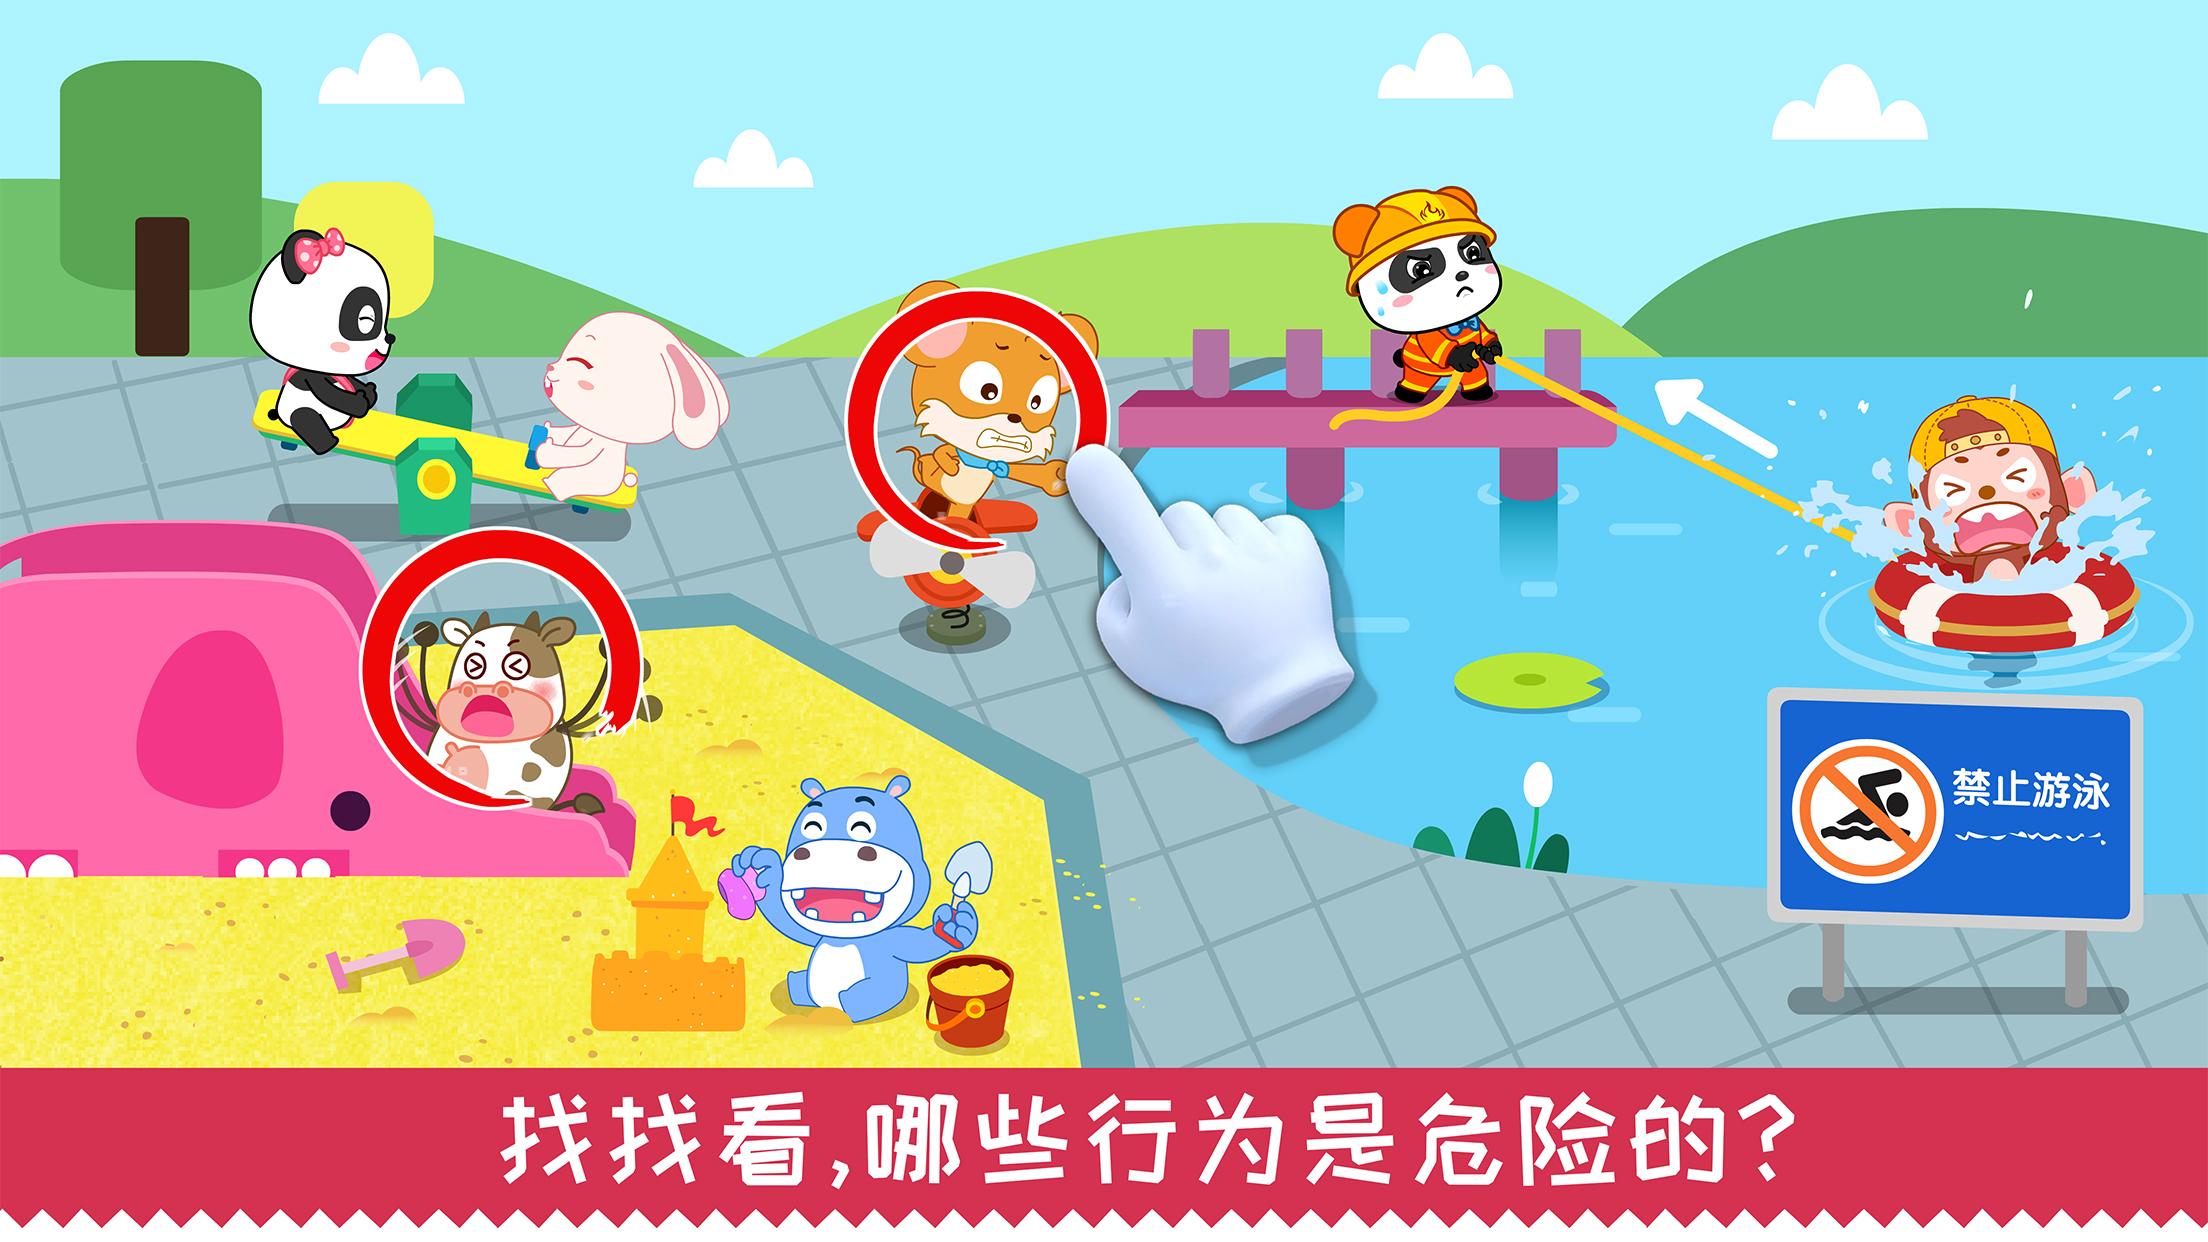 宝宝日常安全宝宝巴士游戏v9.58.10.00正式版截图0